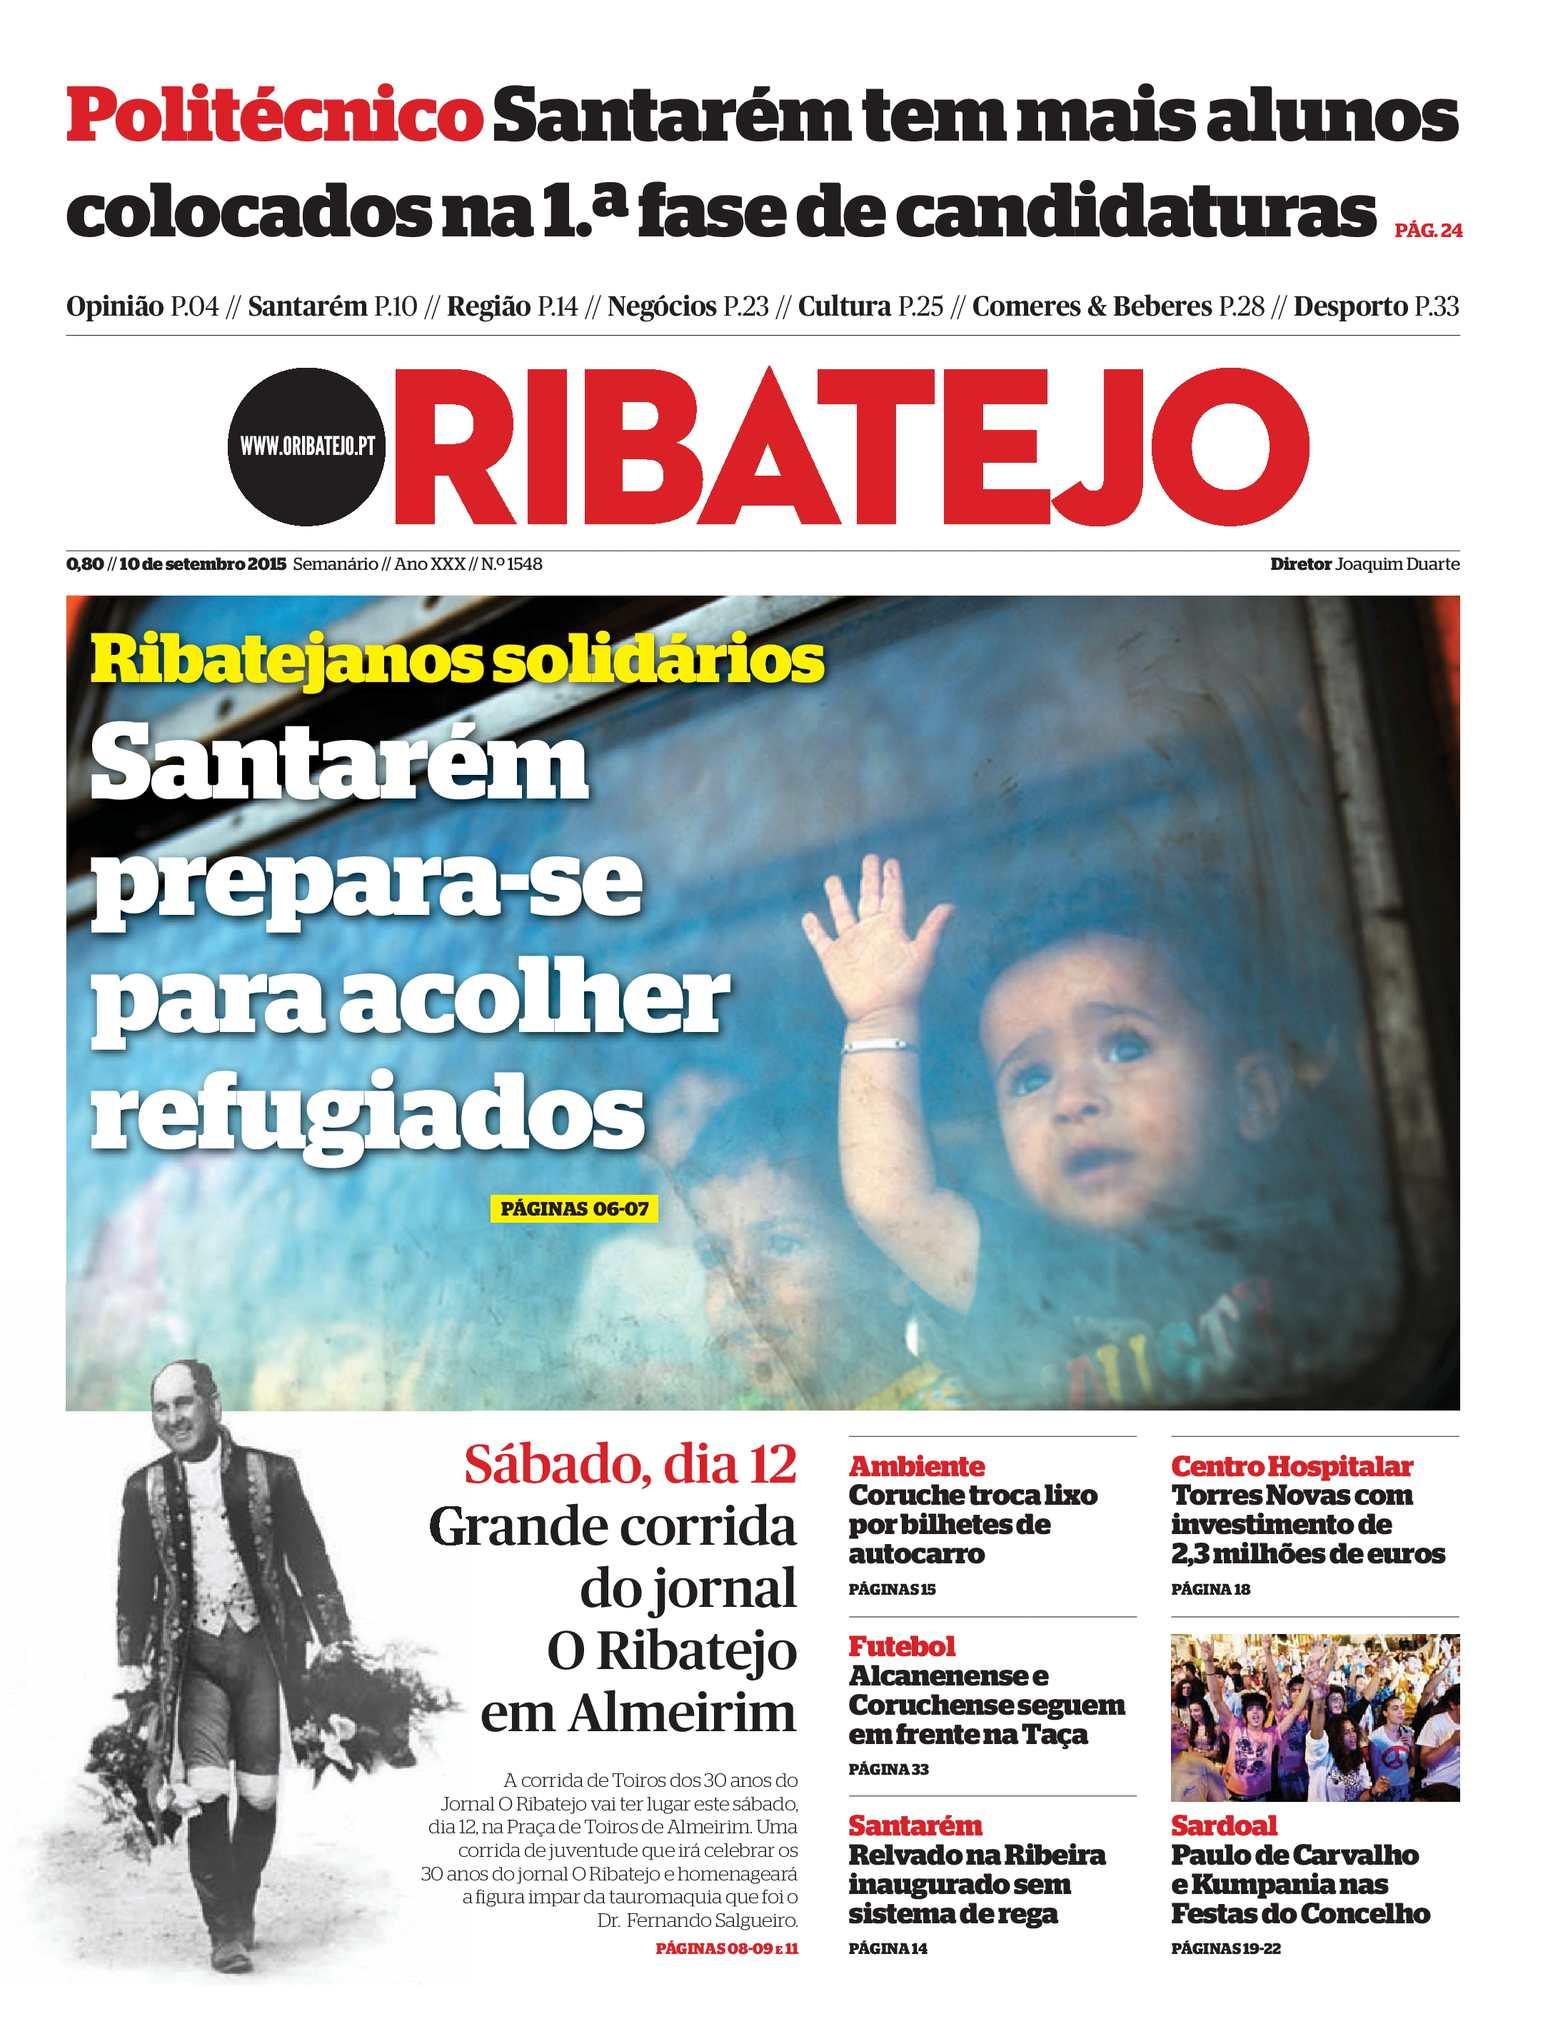 e2892fdb6da0e Calaméo - Edição 1548 do Jornal O Ribatejo - 10 setembro de 2015